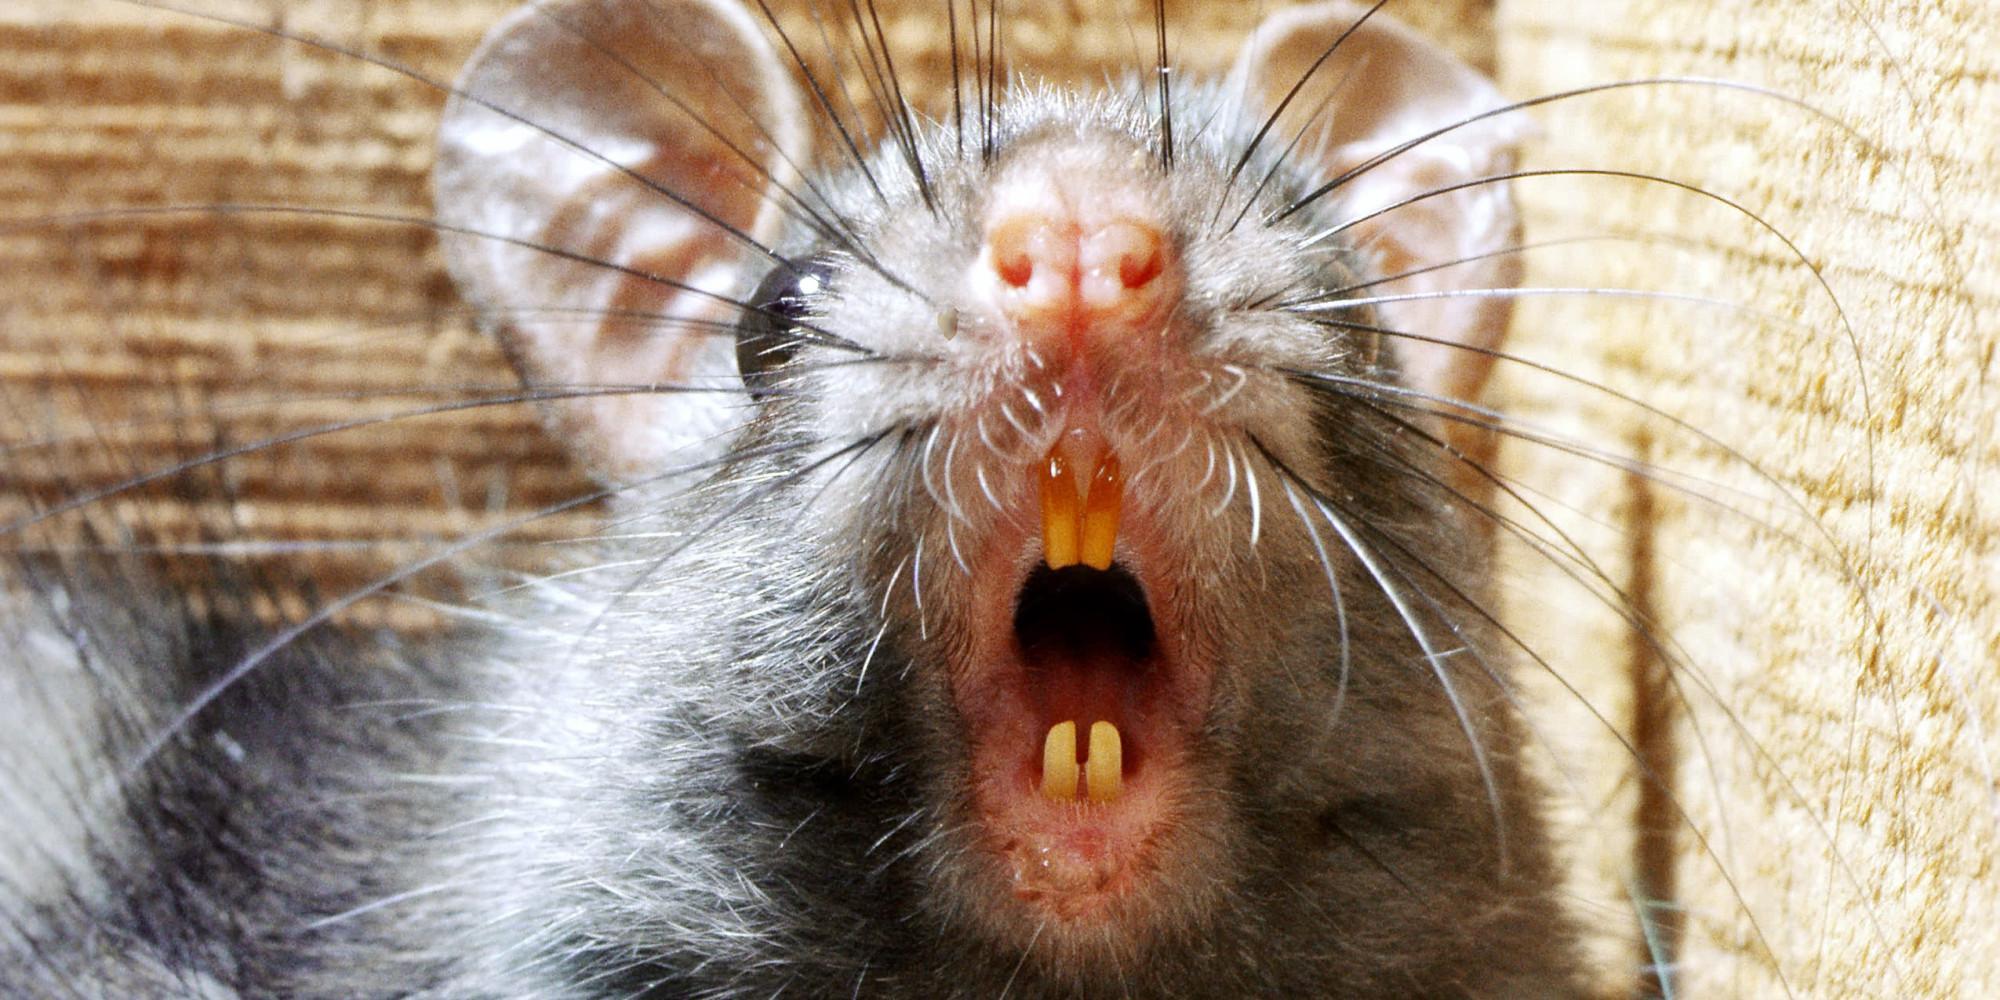 злая мышка картинка власти уже сообщили